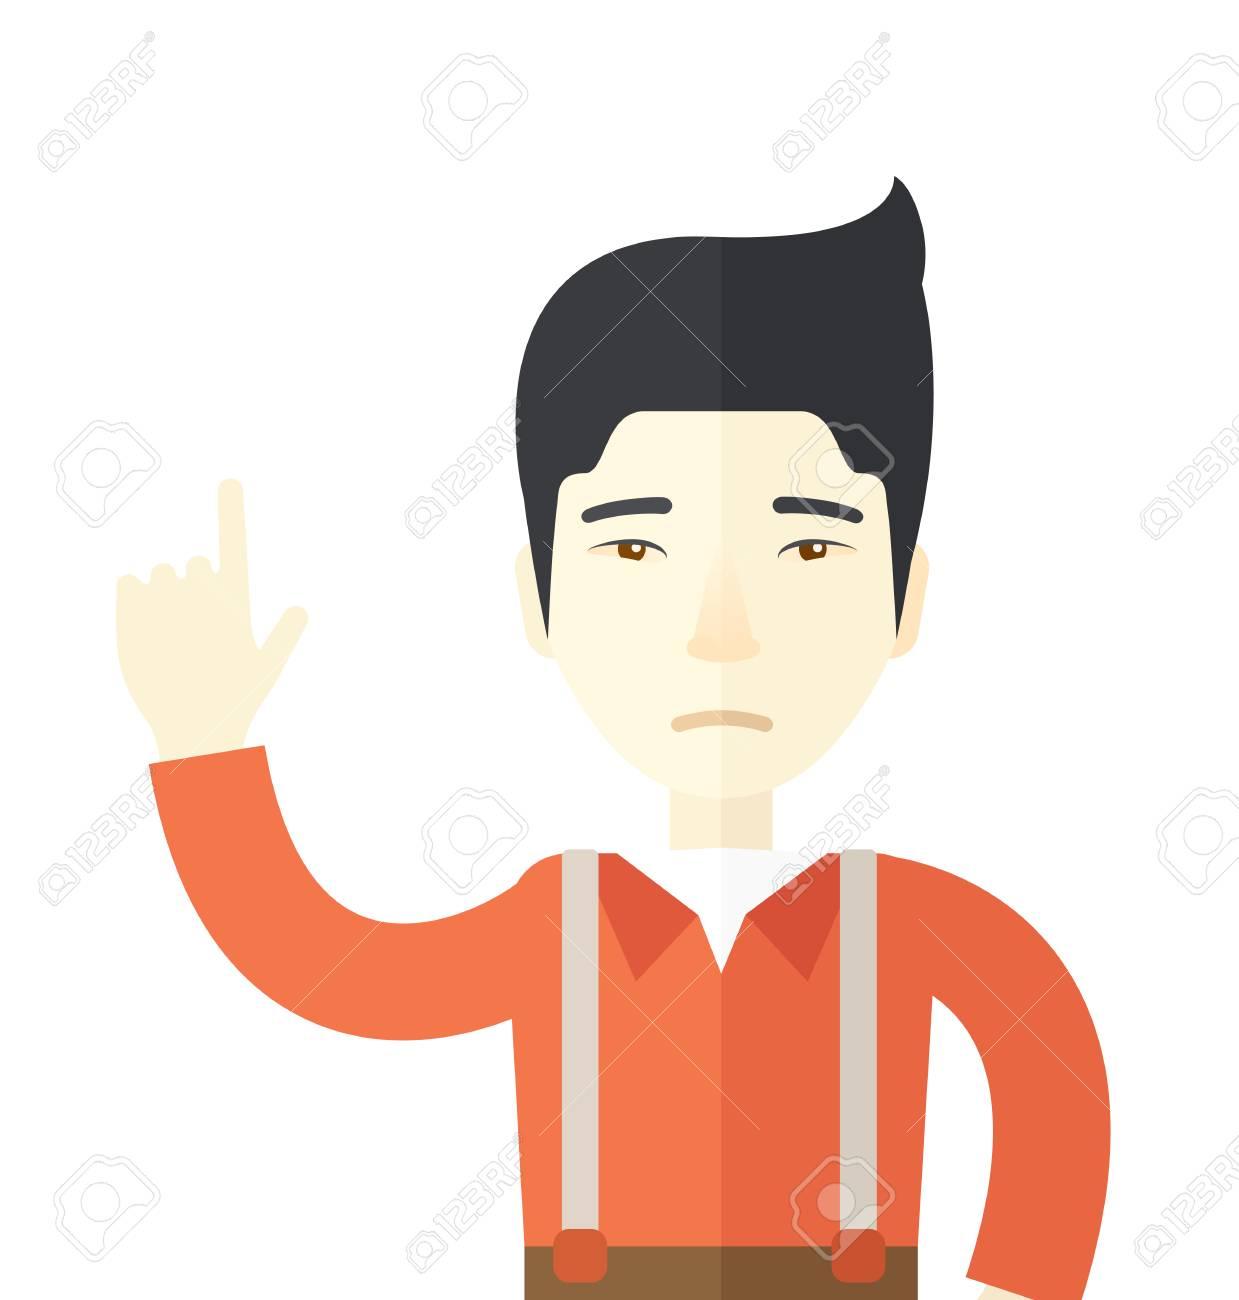 Eine Traurige Asiatischer Kerl Hob Einen Arm. Einem Zeitgenössischen ...